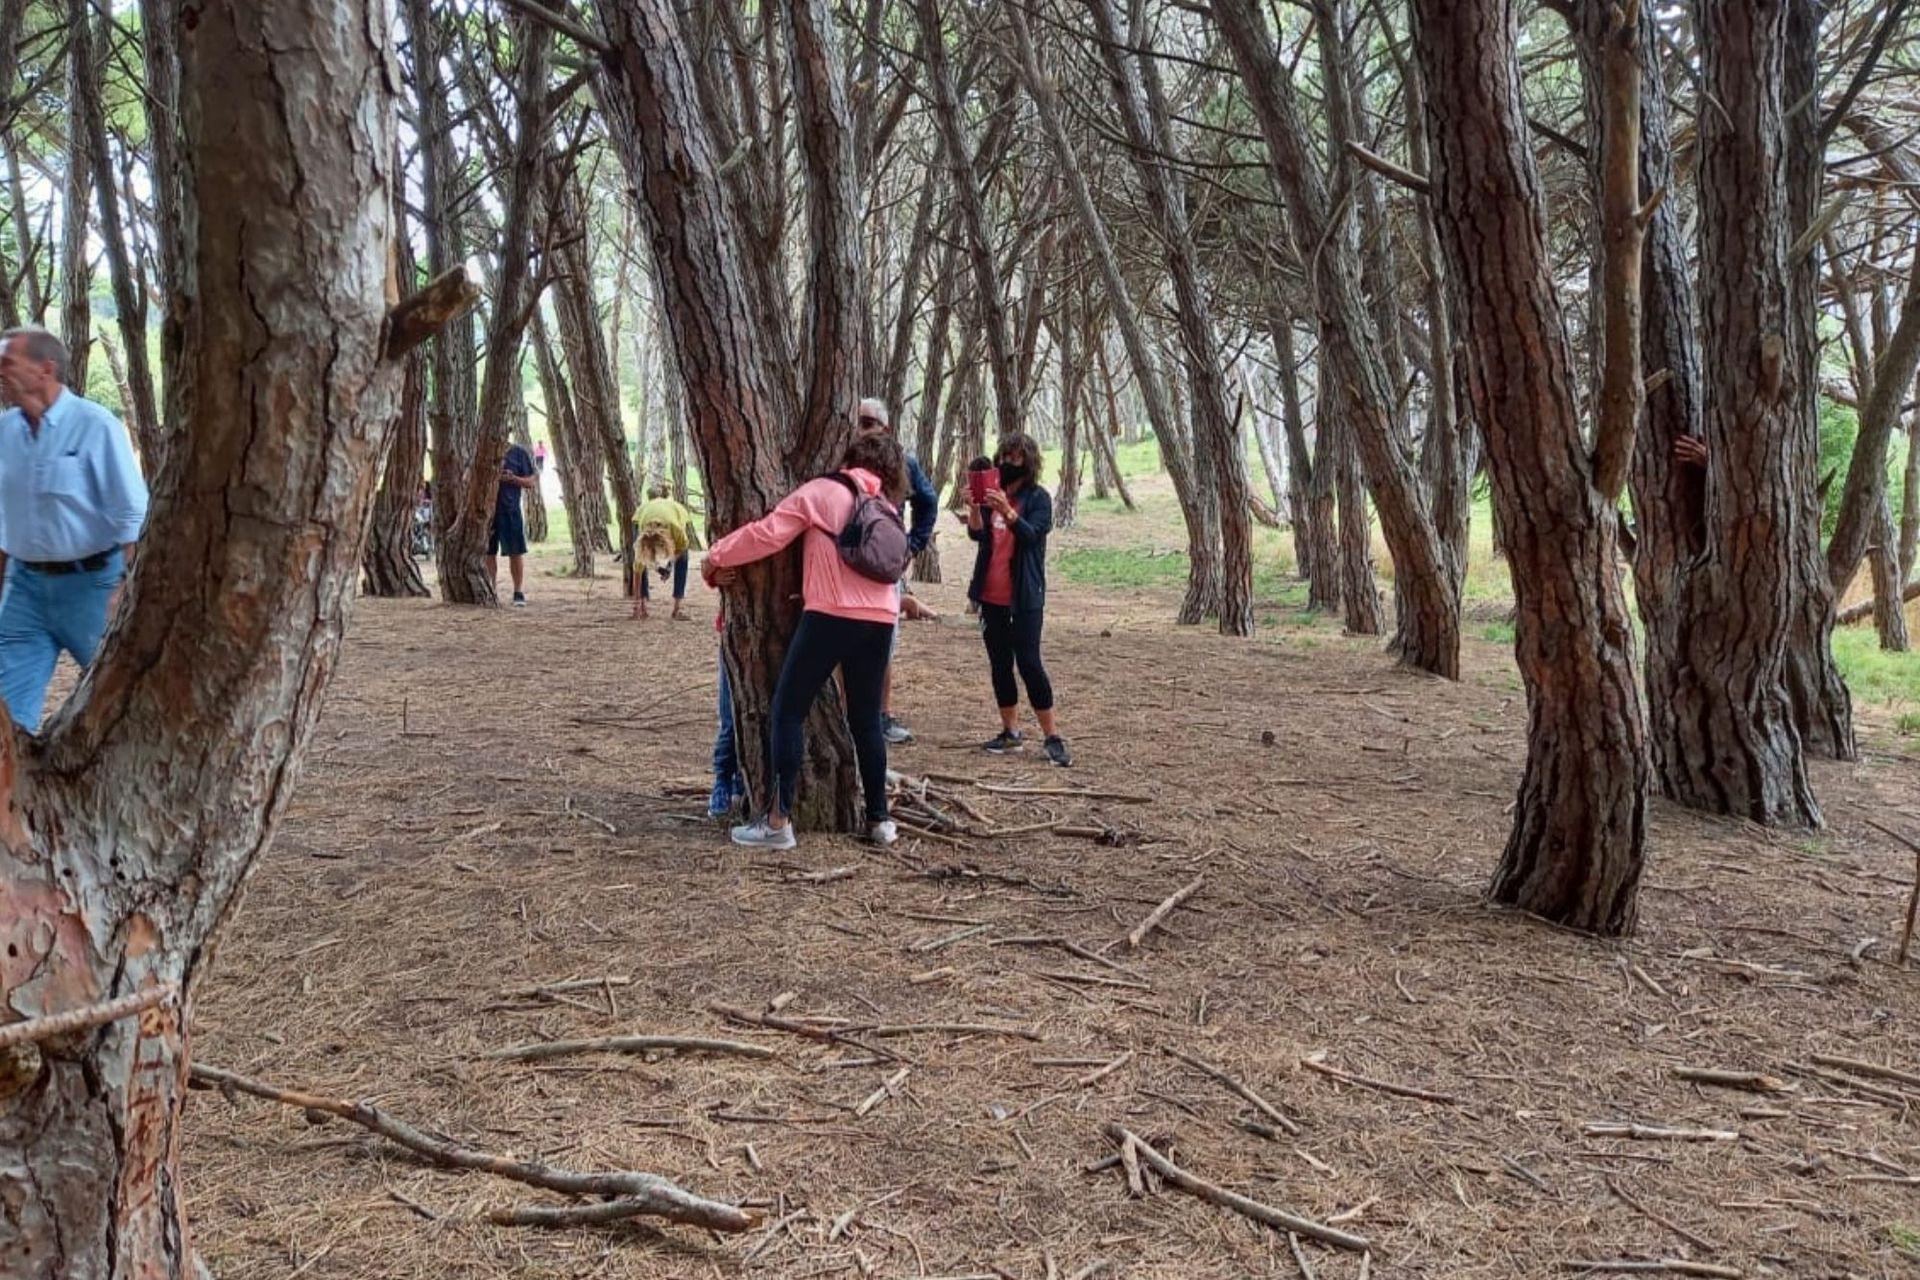 Abrazos a los árboles en el Bosque Energético de Miramar, una actividad muy común entre los visitantes.